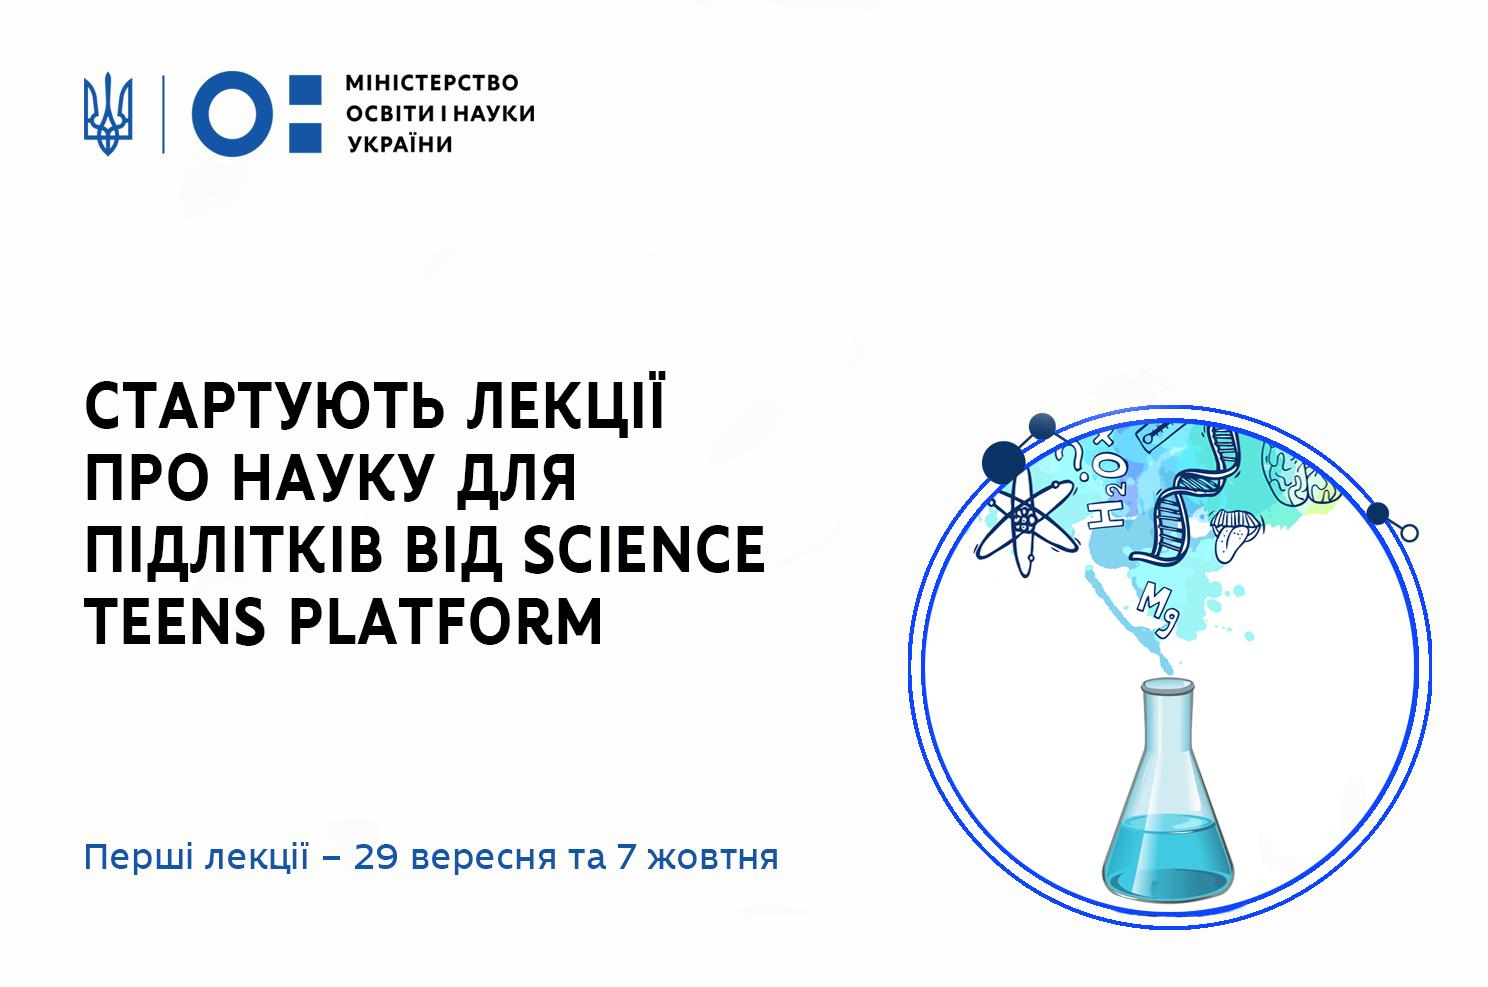 29 вересня стартують лекції про науку для підлітків від Science Teens Platform